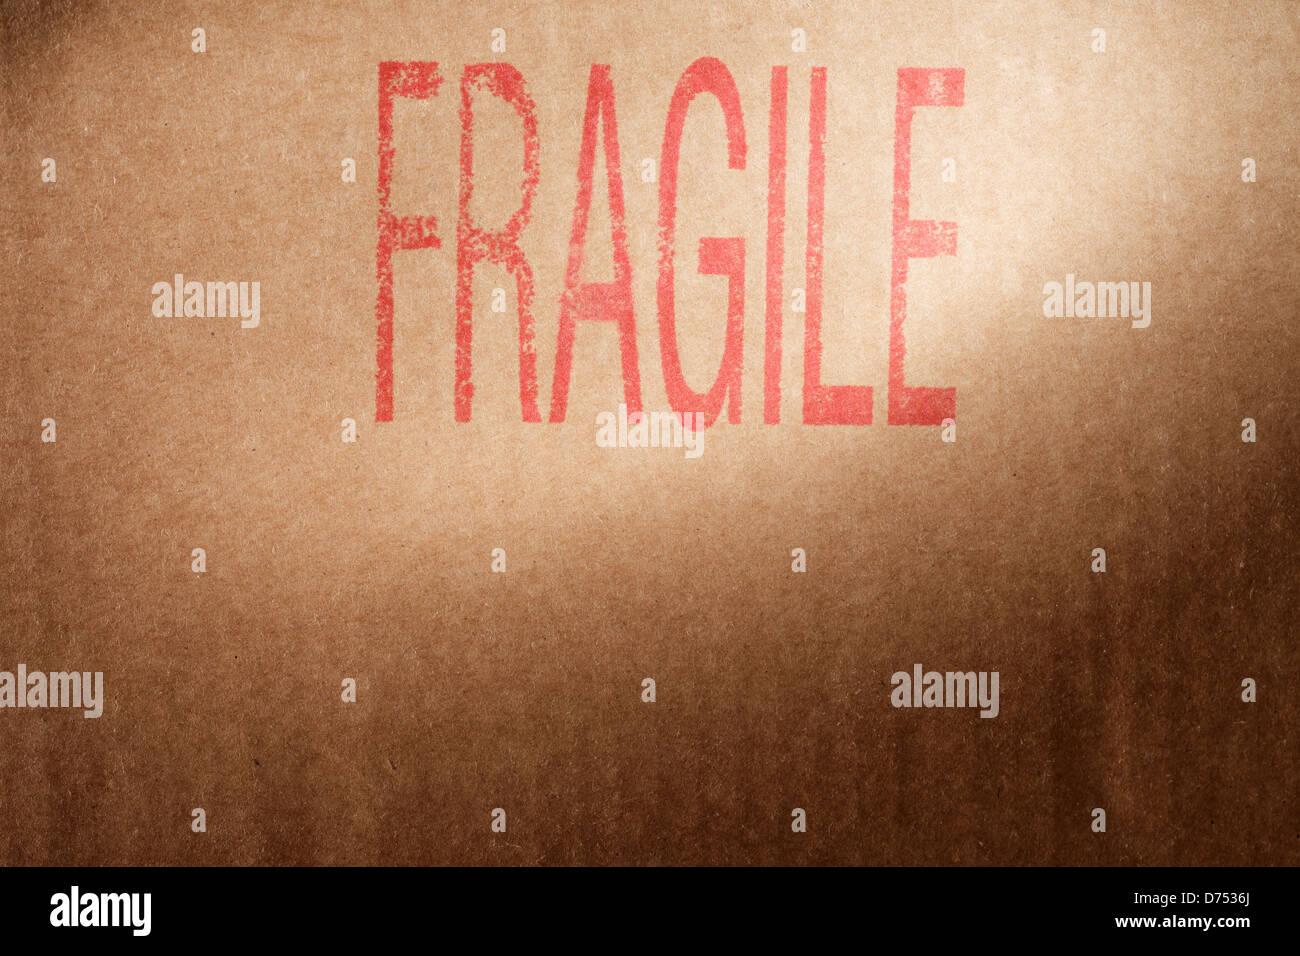 Primo piano di un marrone scatola di cartone con la parola 'Fragile' stampata con inchiostro rosso. Immagini Stock